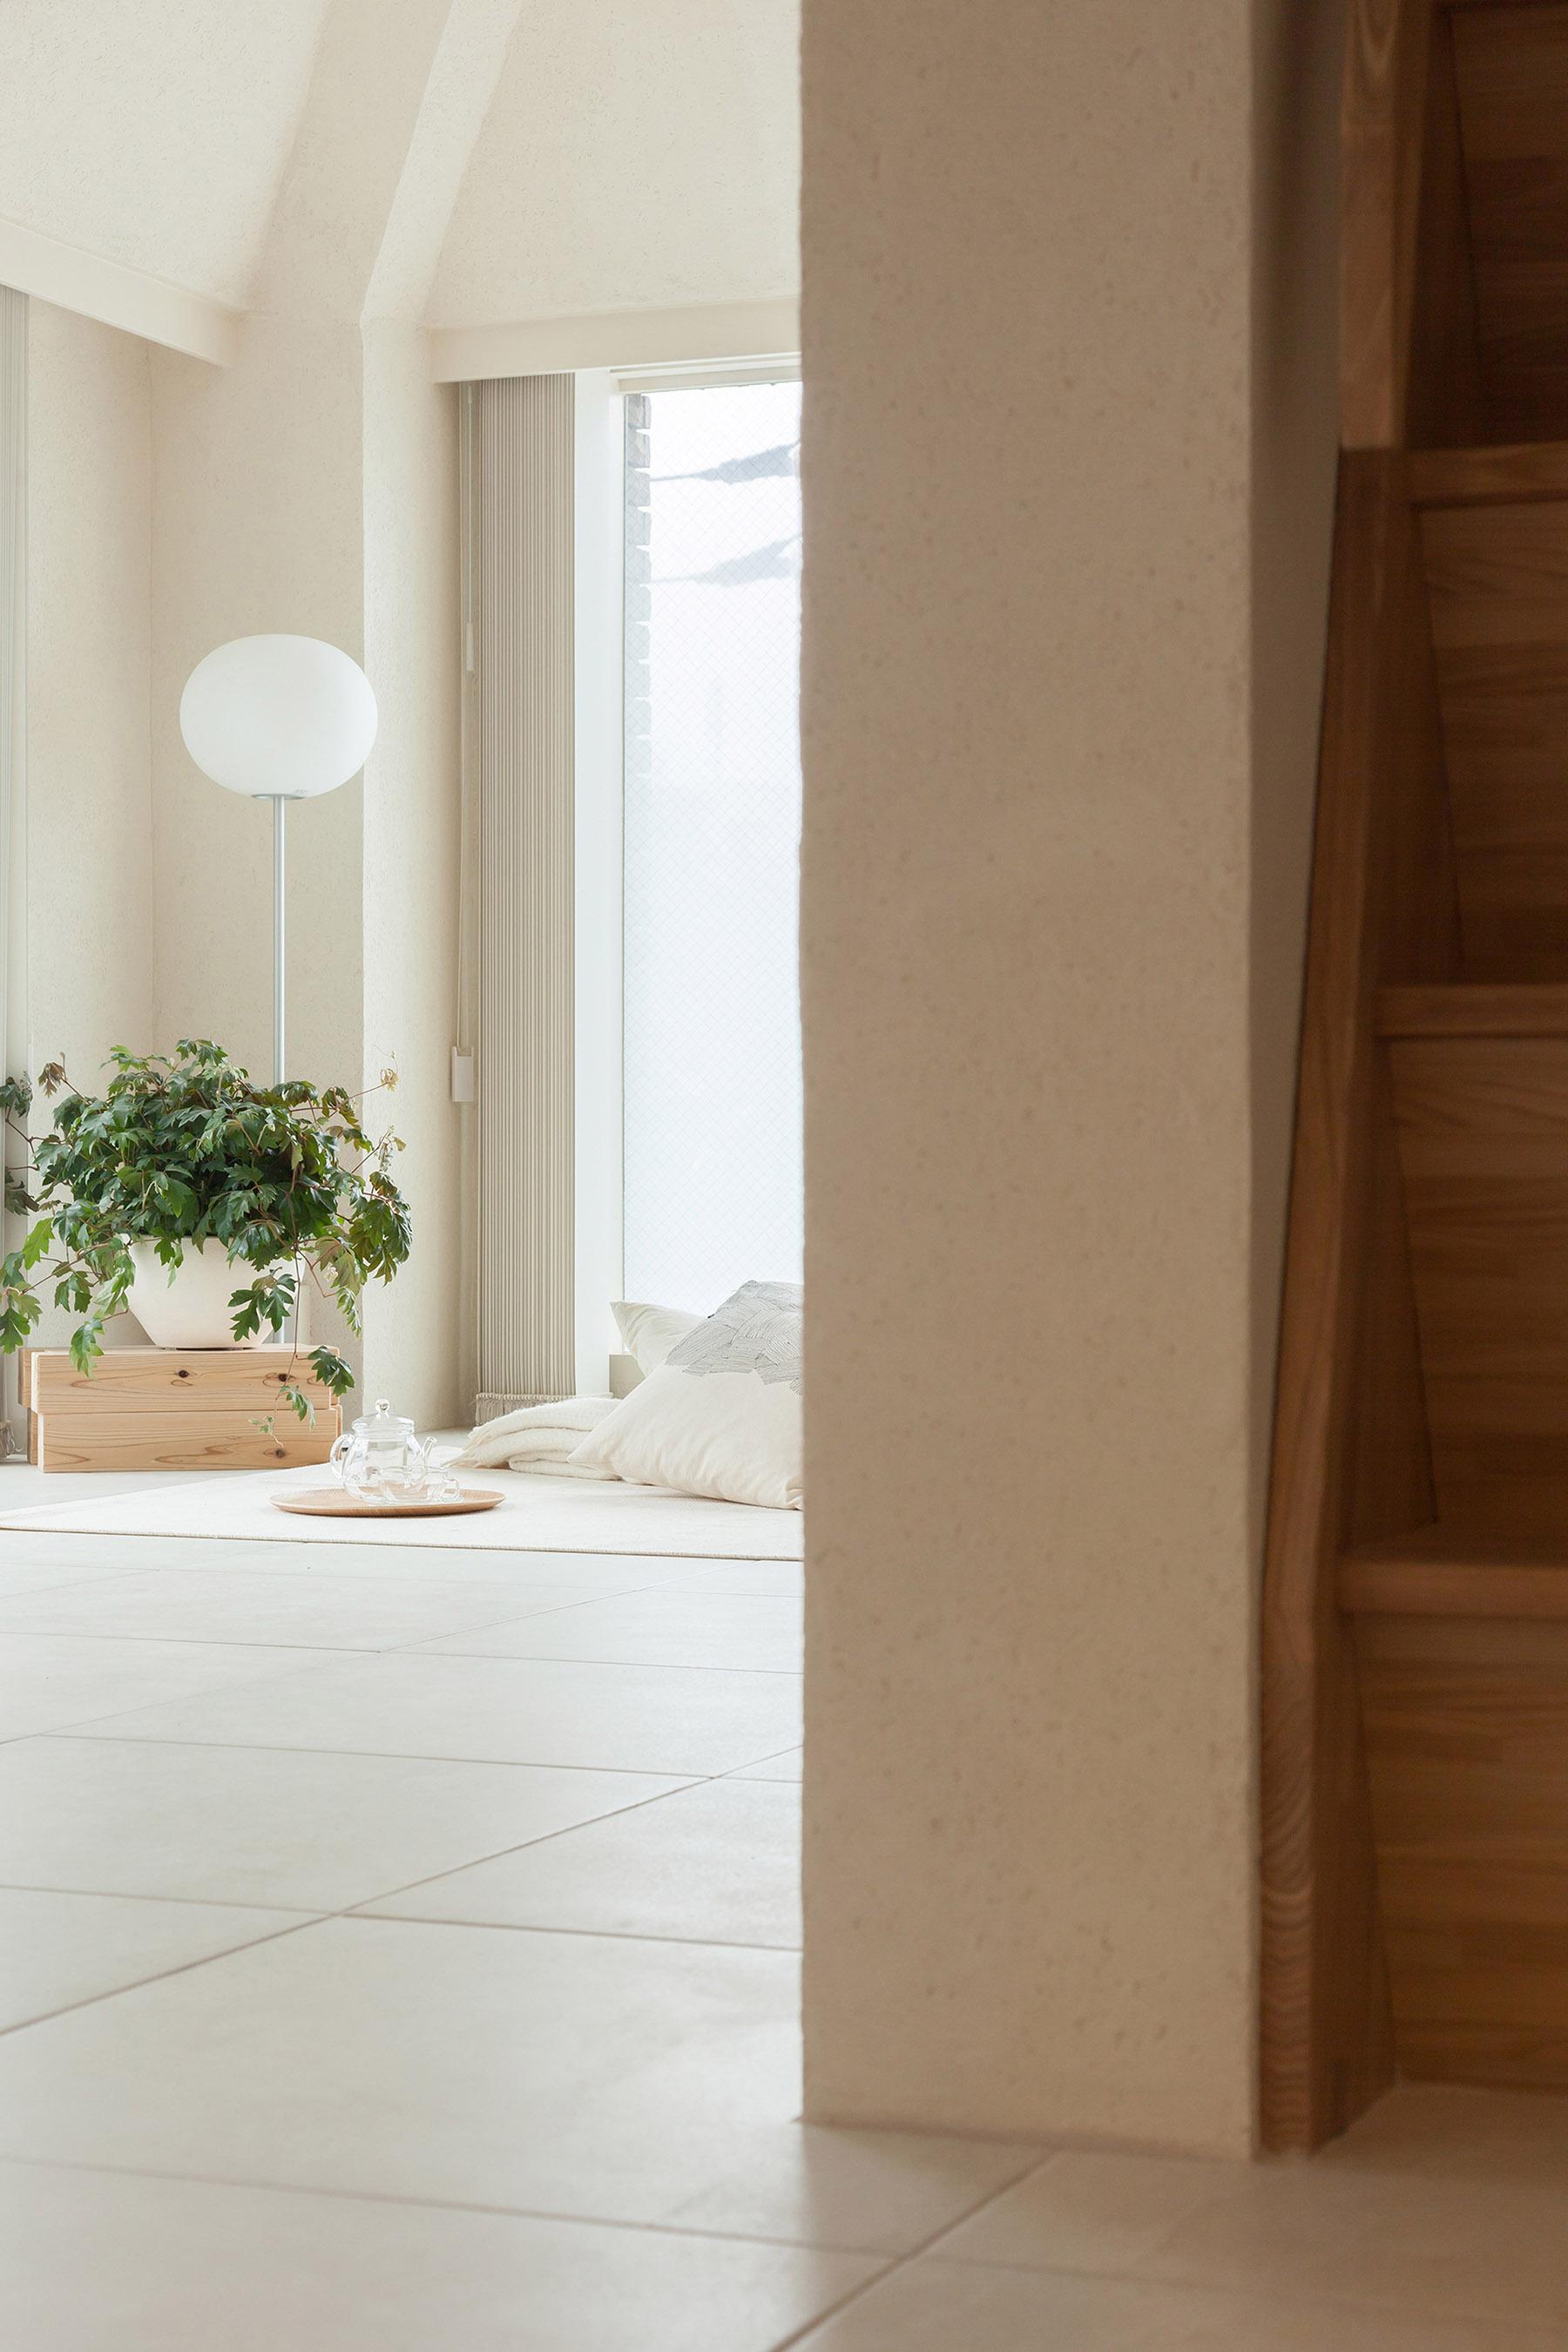 iGNANT-Architecture-Hiroyuki-Ogawa-Shibuya-Apartment-11